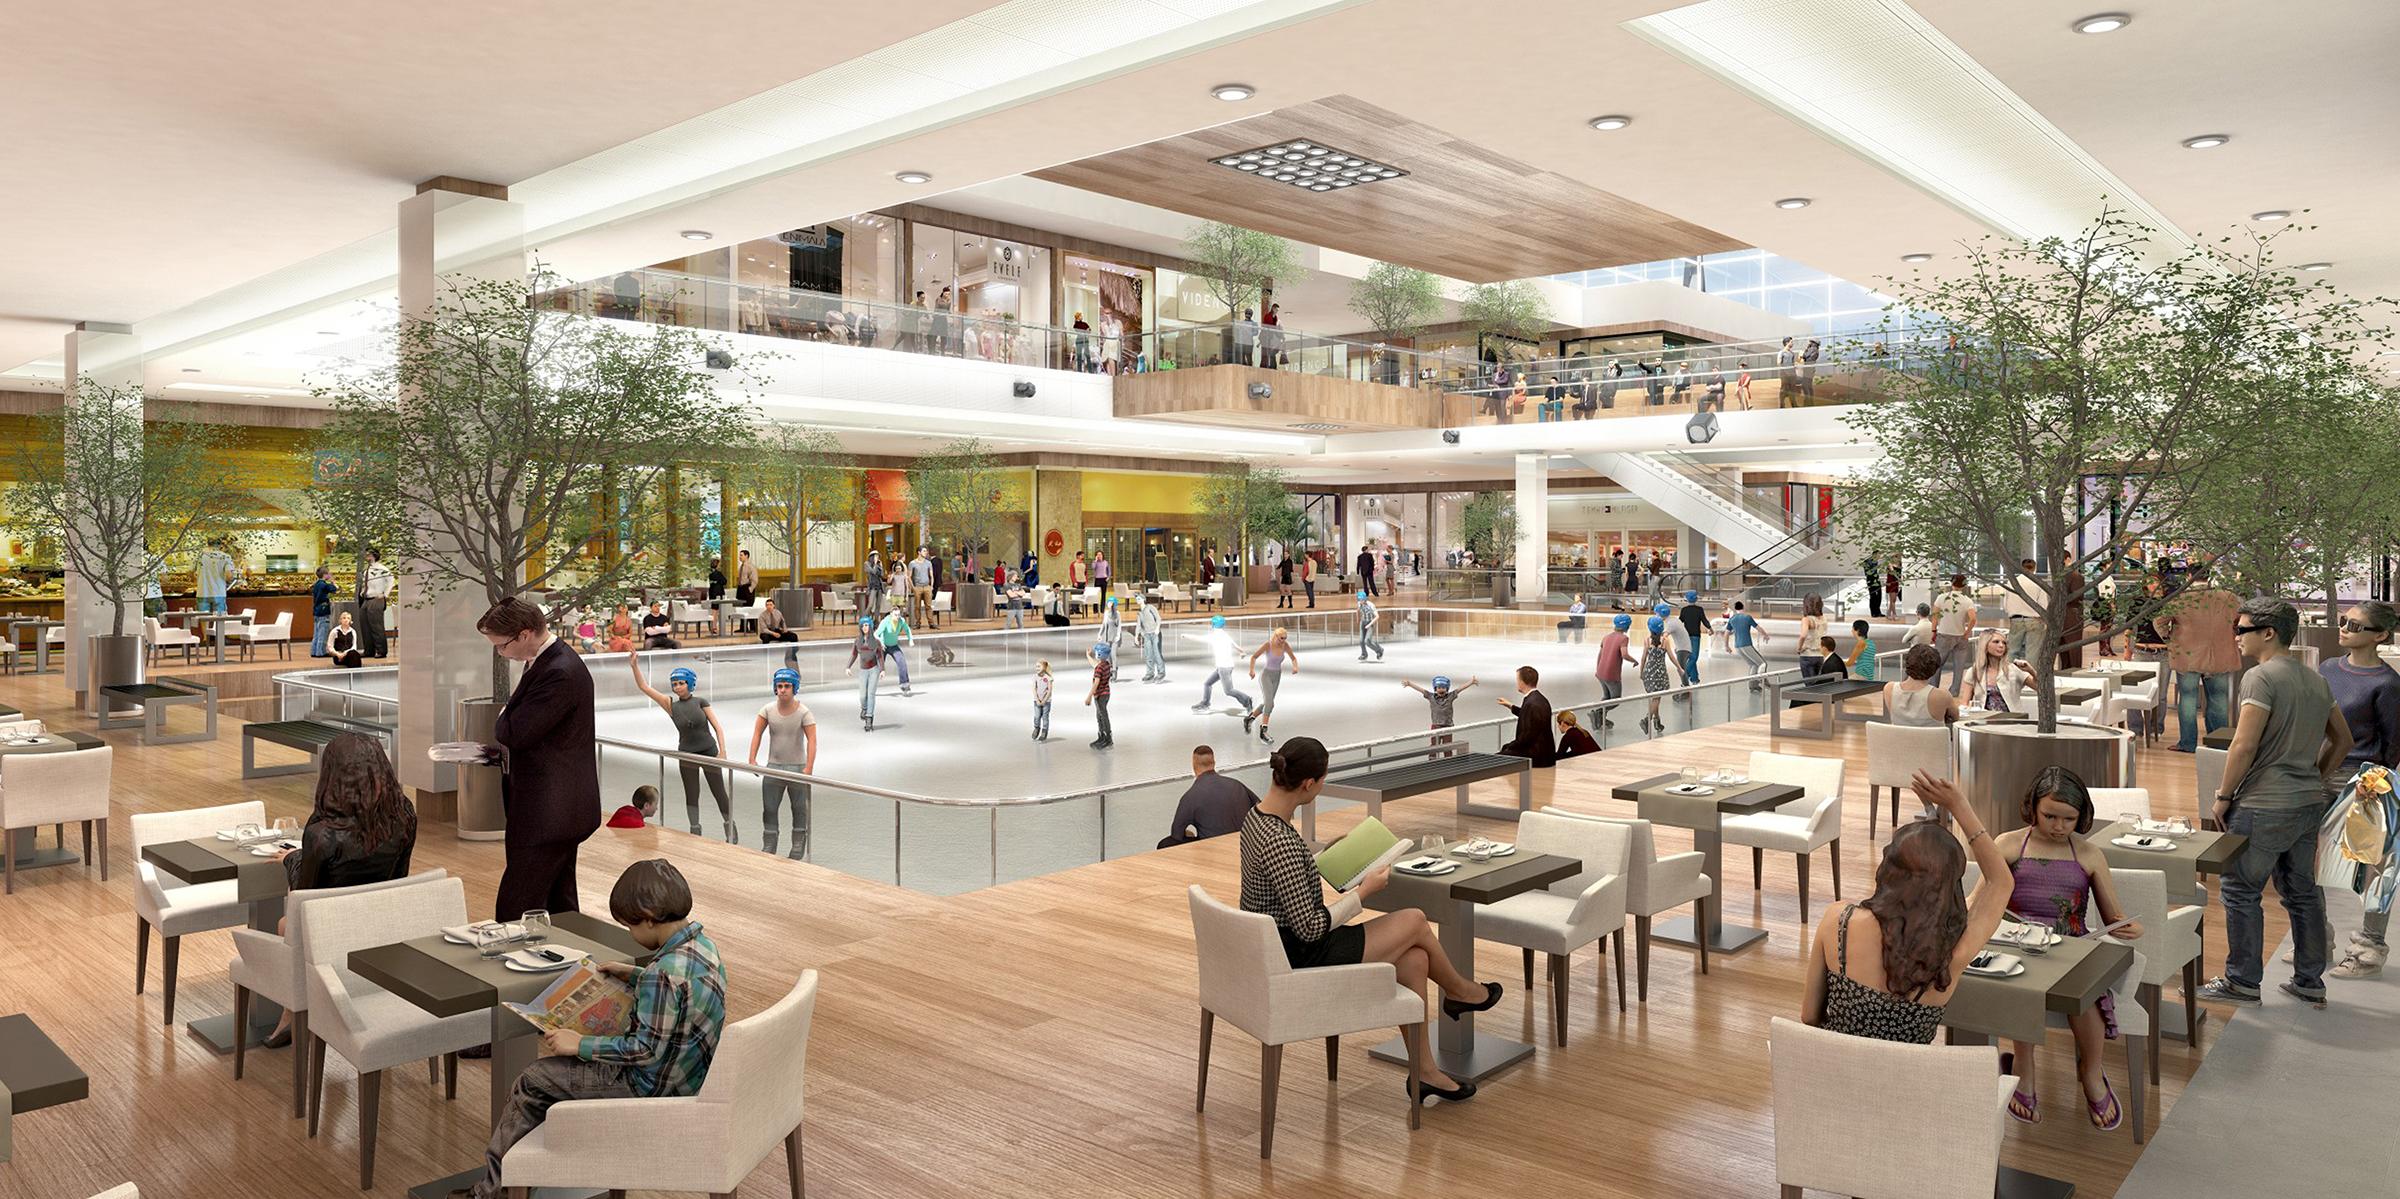 Render shopping mall inside1.jpg